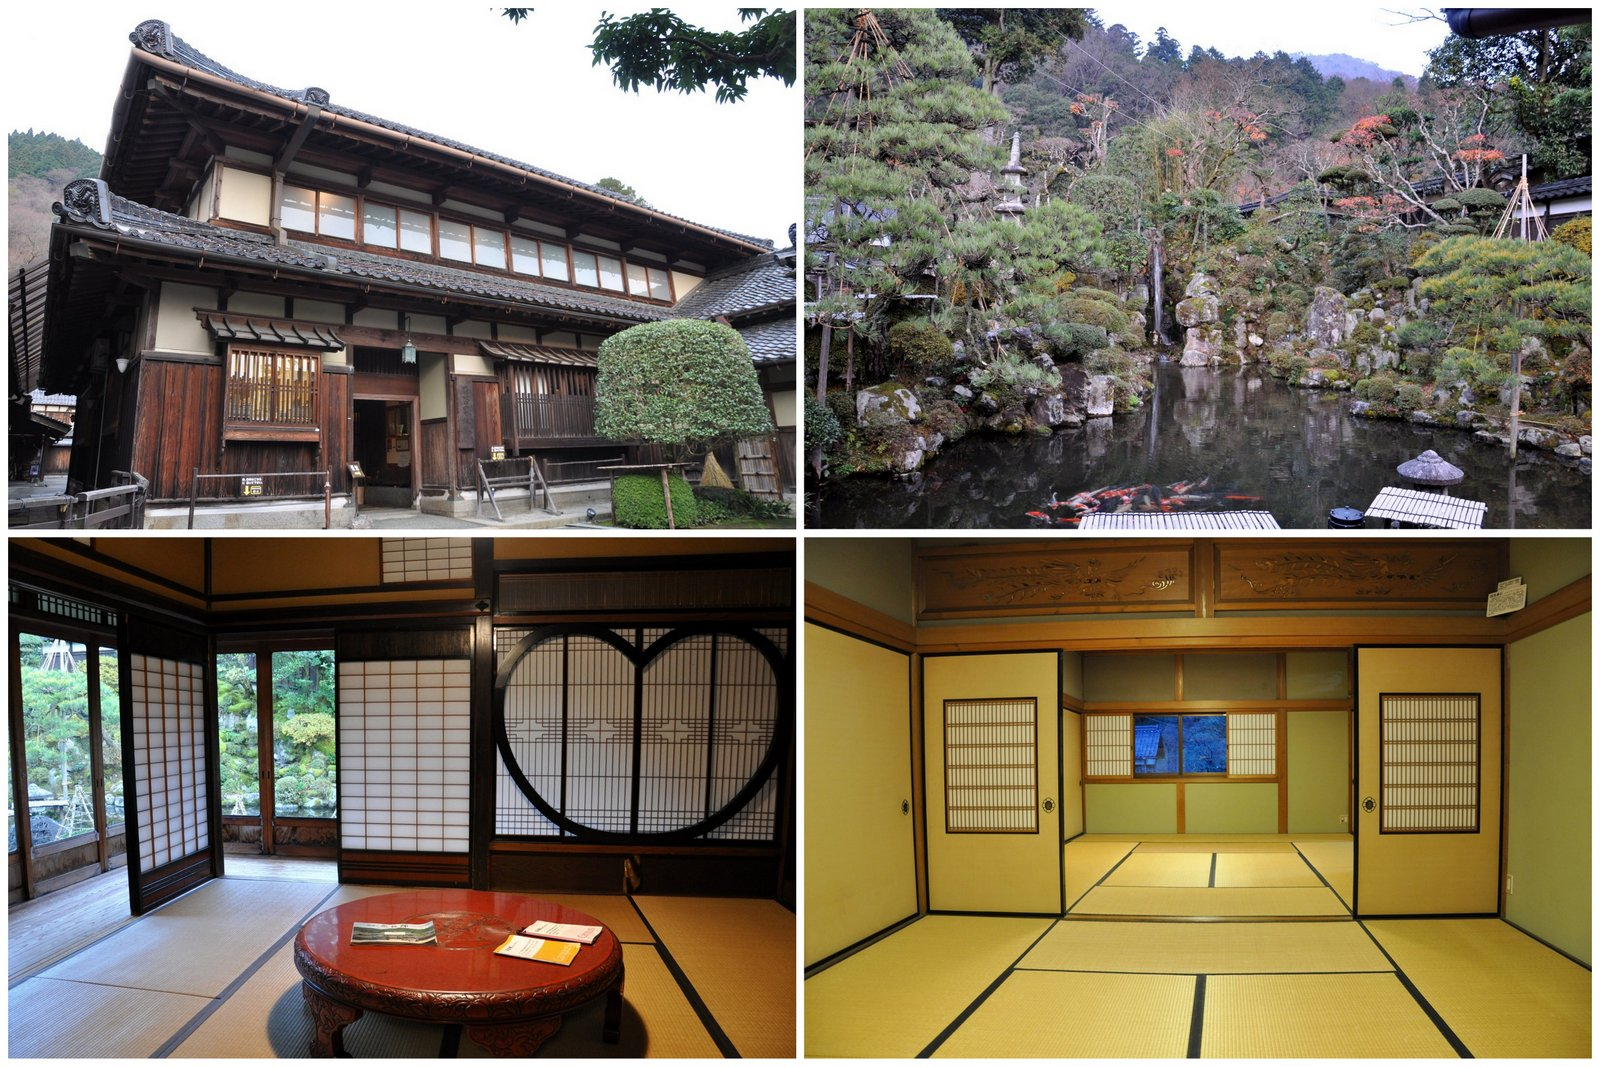 maison-ishitani-chizu-tottori